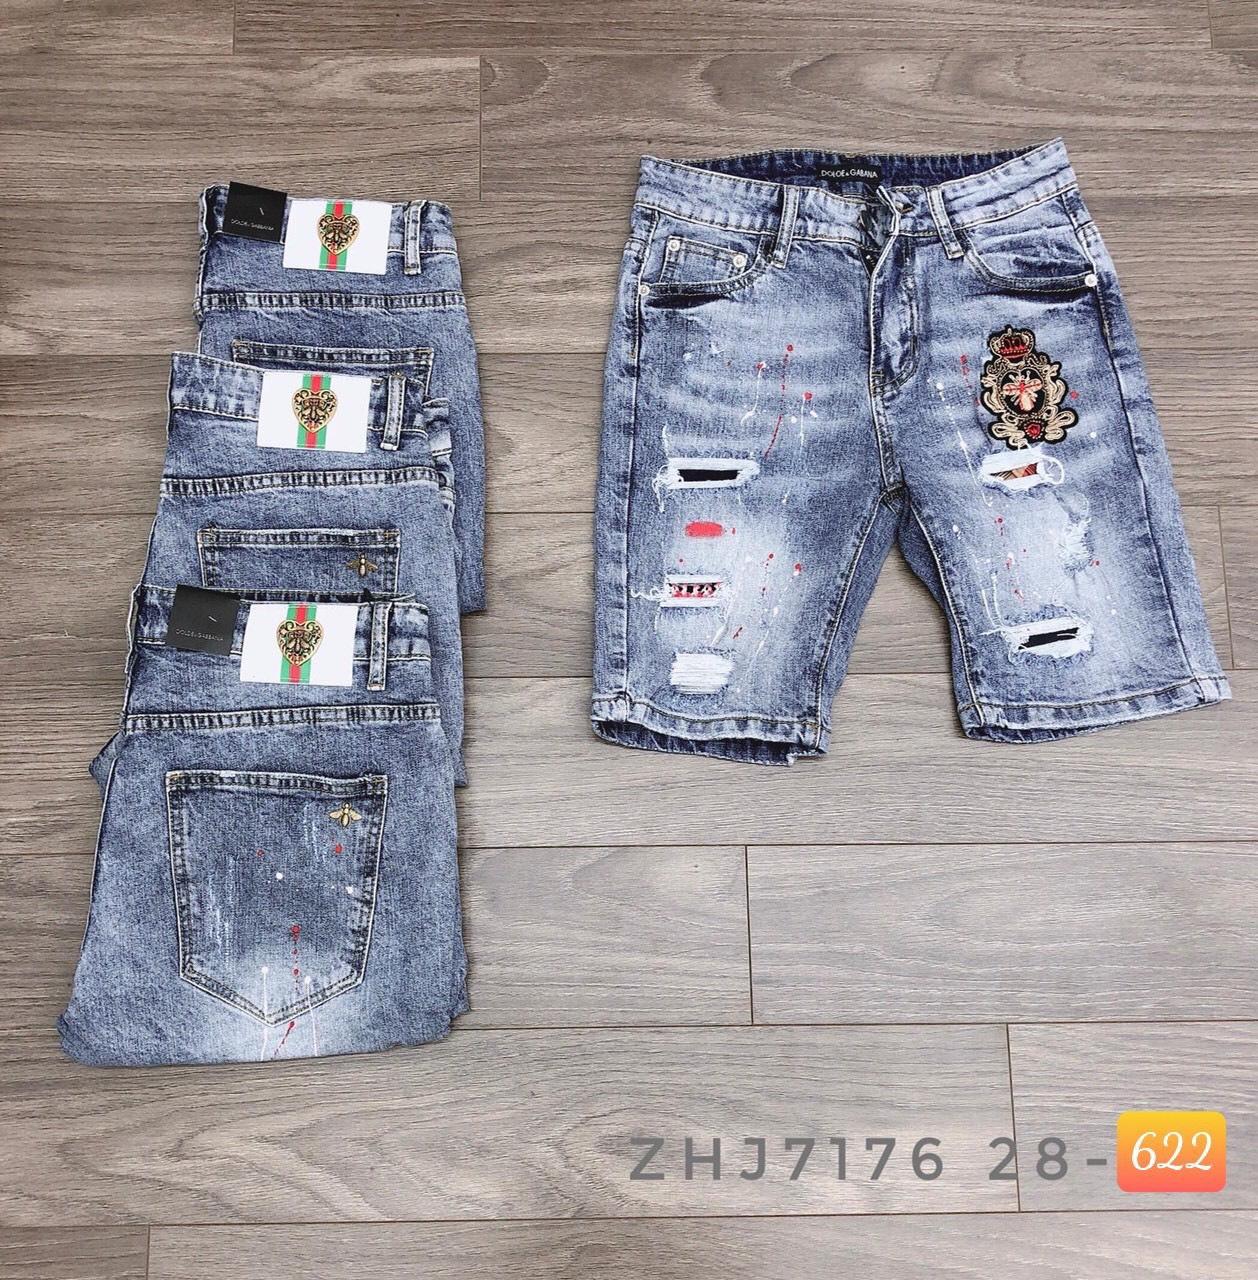 (có video) Quần short jean nam, quần bò nam trẻ trung năng động, chất liệu co dãn tốt,thoáng mát,form chuẩn,hot trend phù hợp cho mọi lứa tuổi MT32